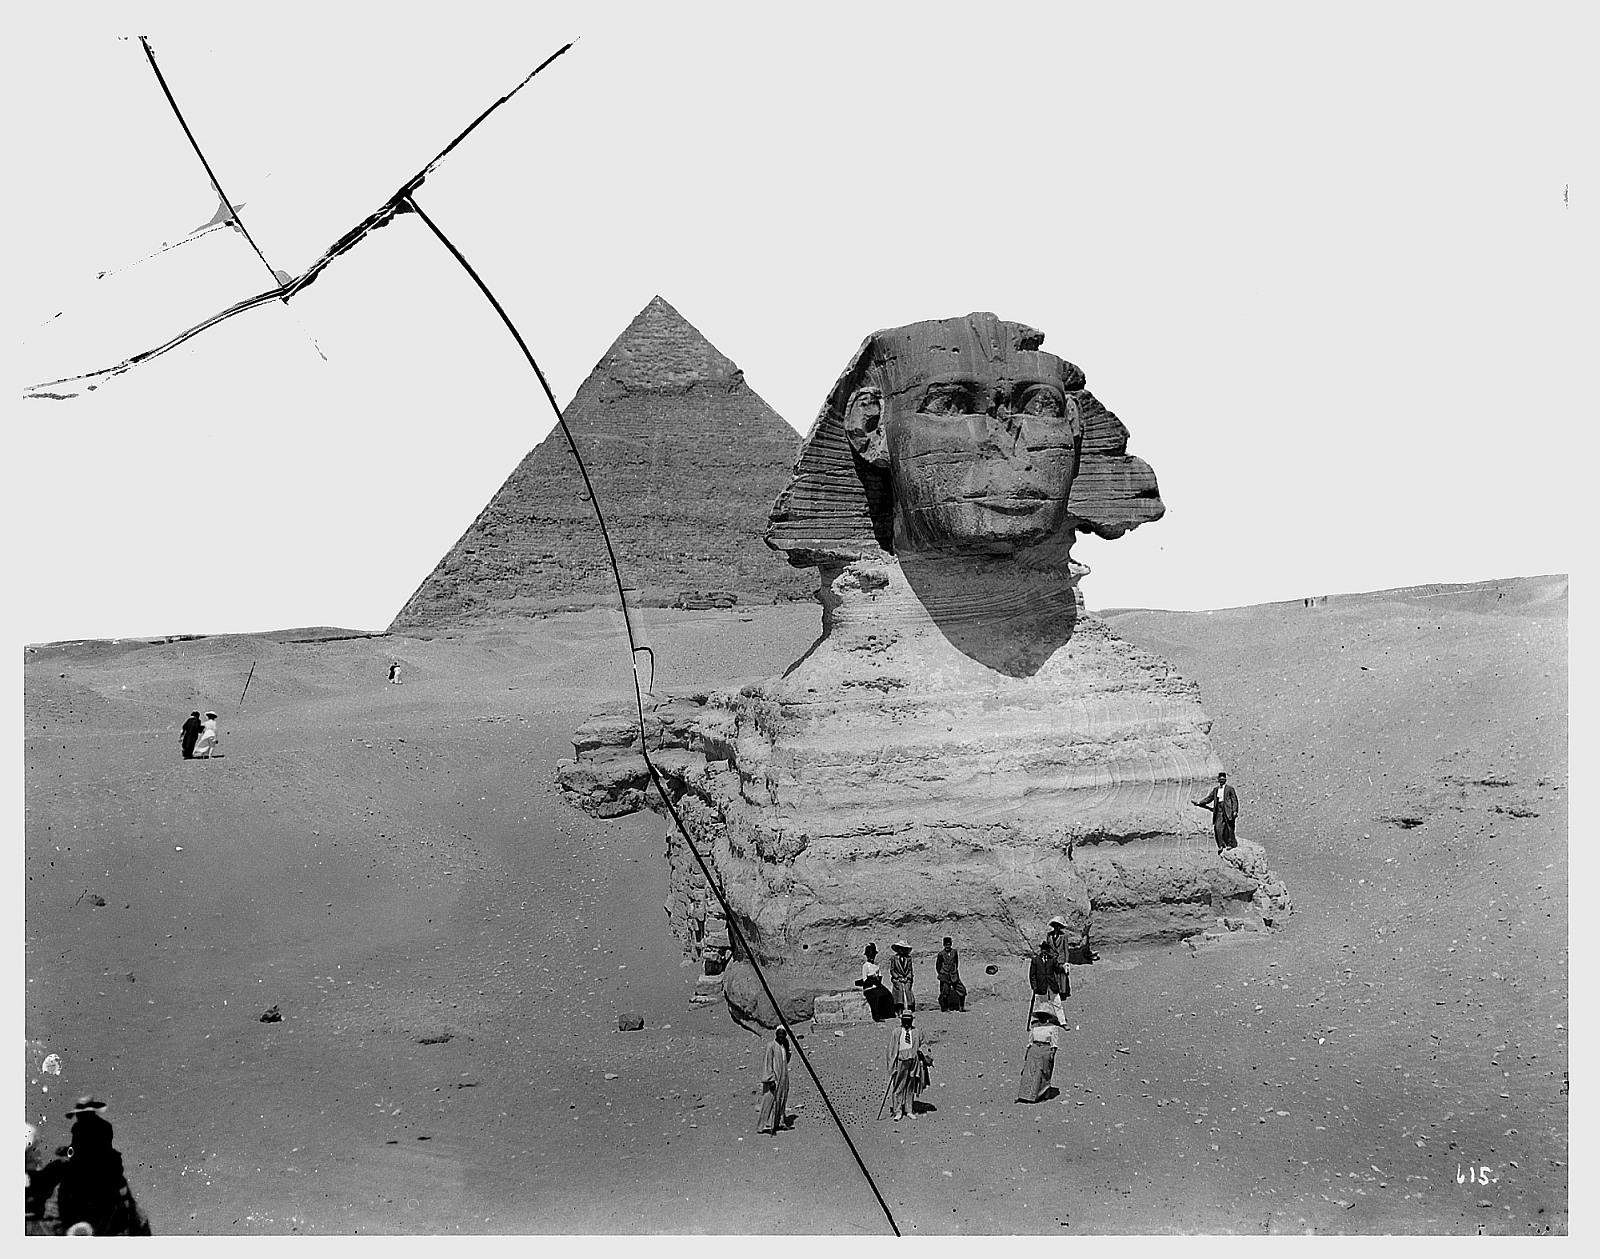 Гиза. Туристы перед Сфинксом и пирамидой Хеопса